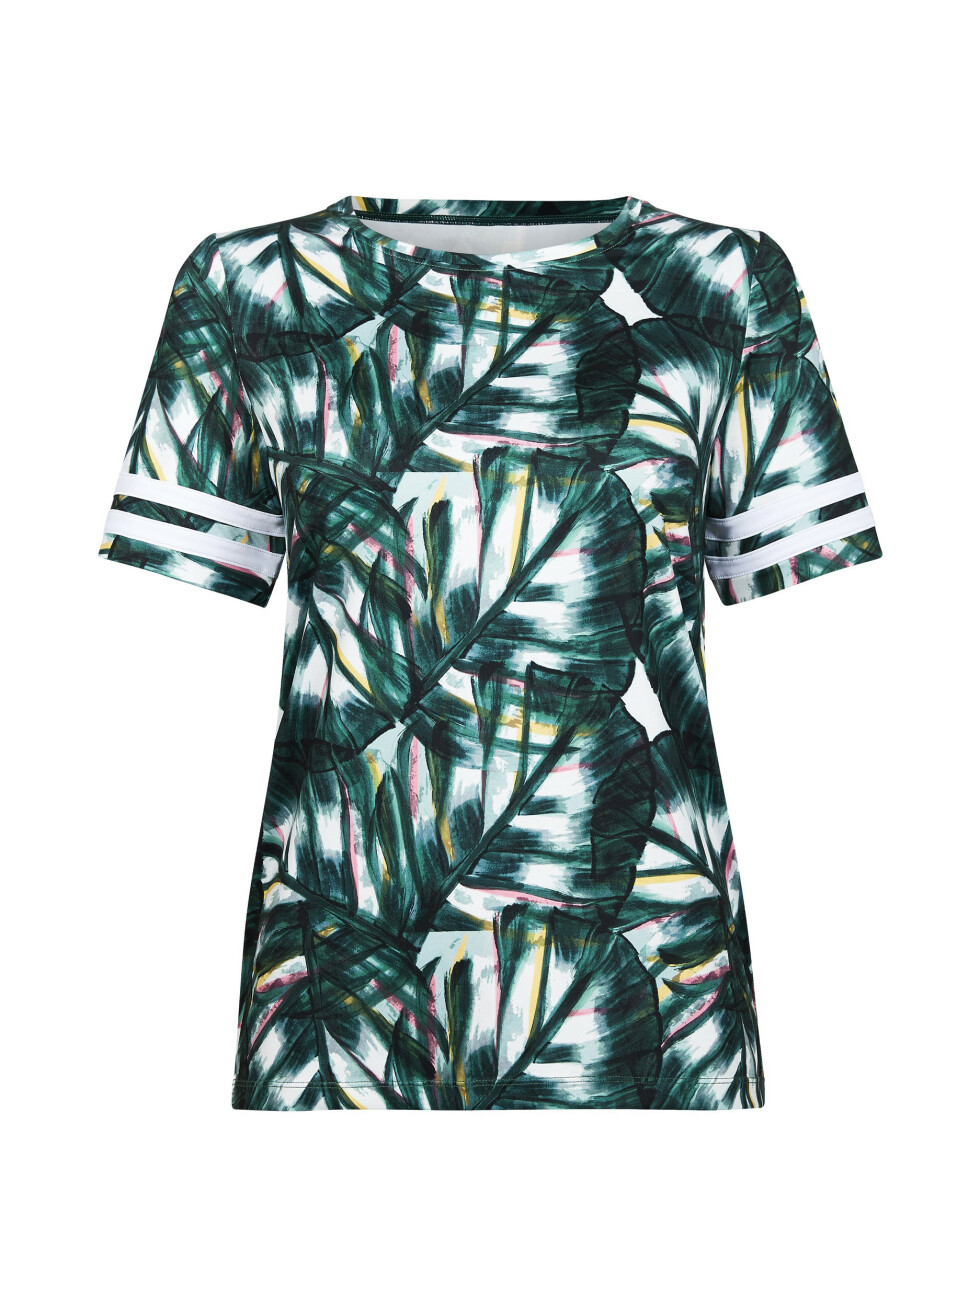 Mønstrete T-skjorte (kr 200, Cubus).